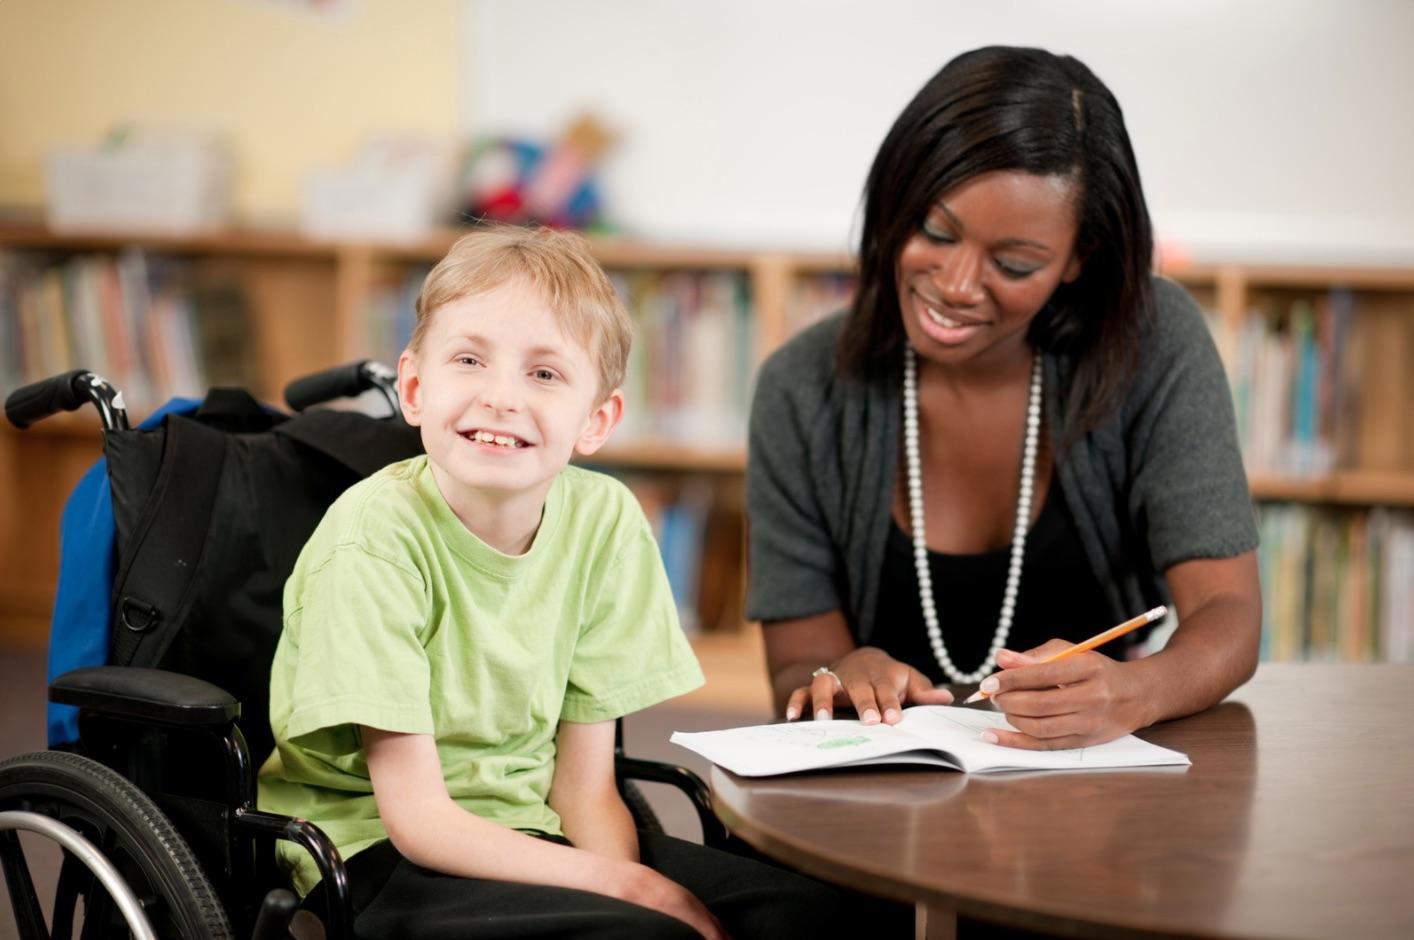 Vuoi lavorare con bambini con bisogni speciali? Scopri come!